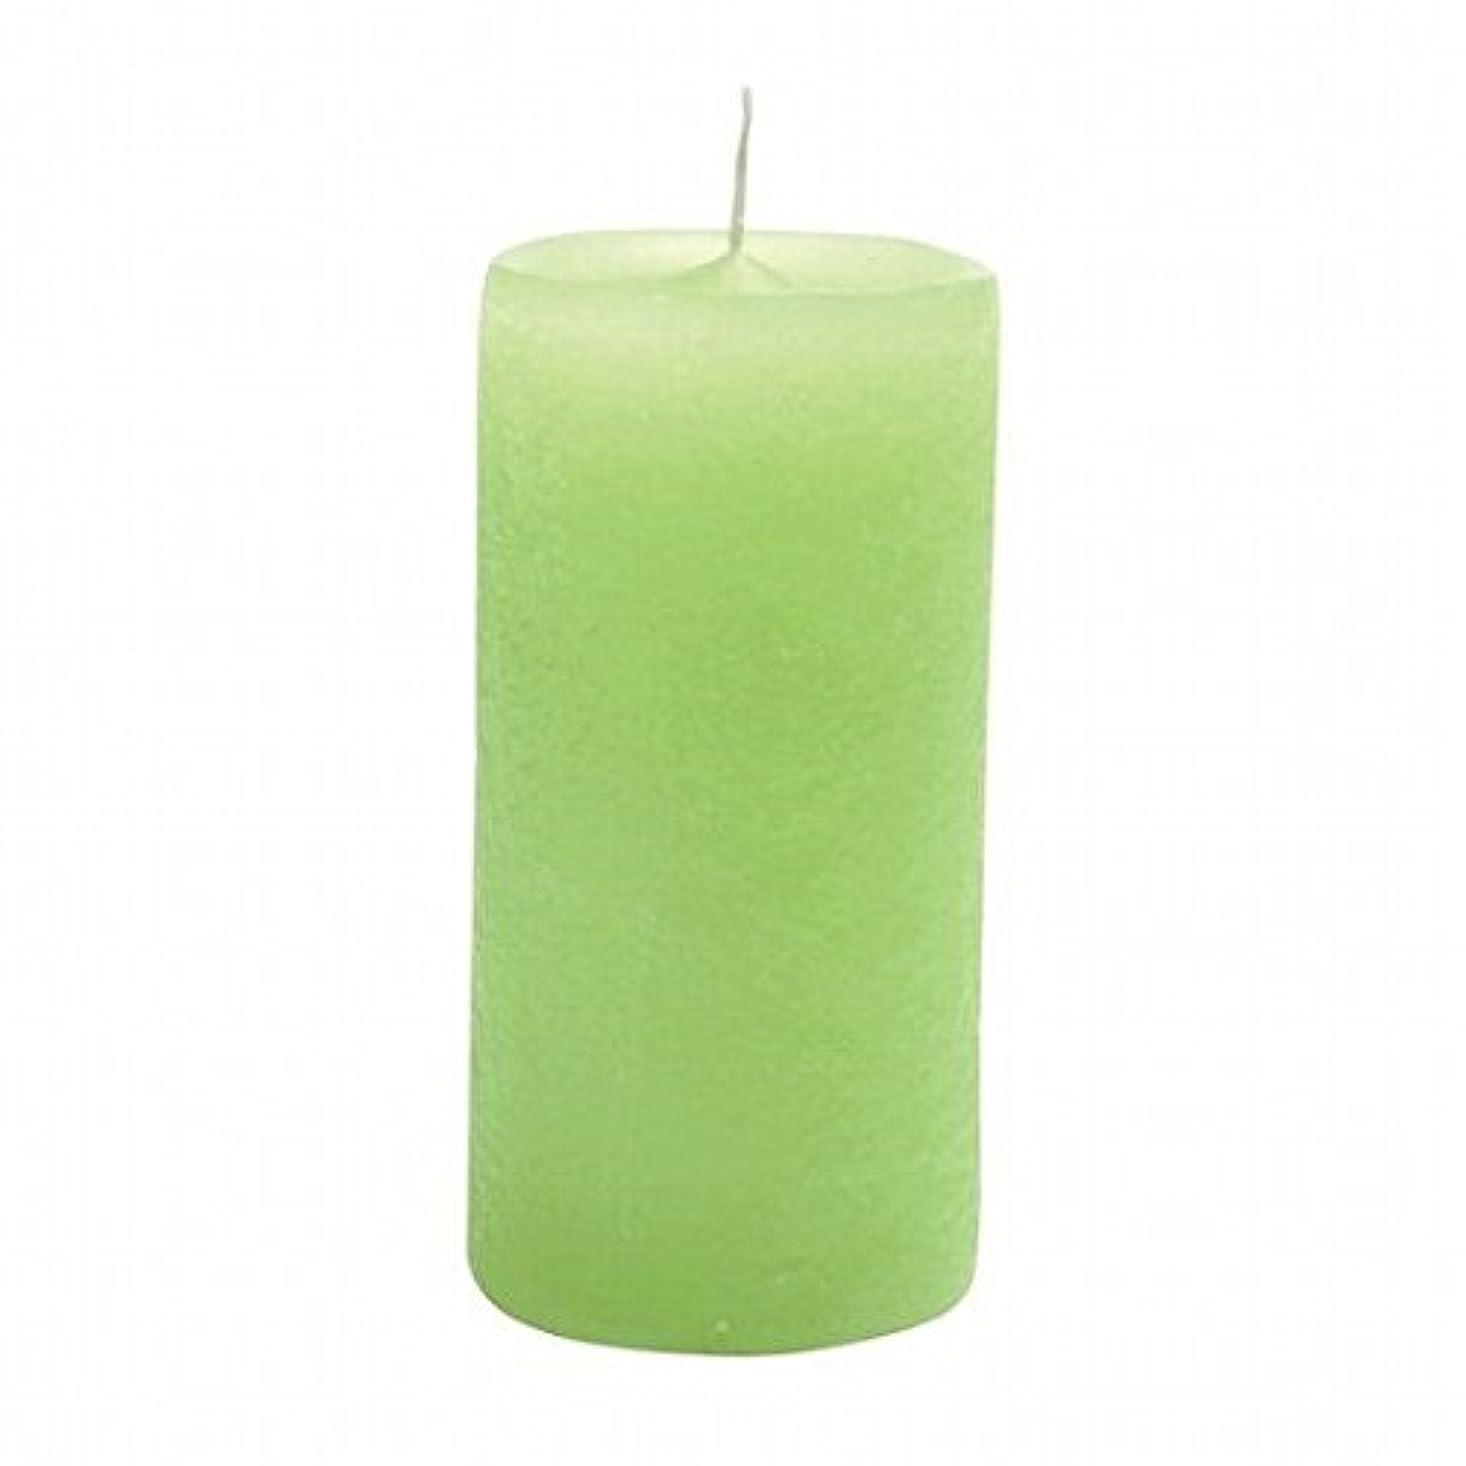 鷲素敵な物思いにふけるYANKEE CANDLE(ヤンキーキャンドル) ラスティクピラー50×100 「 ライトグリーン 」(A4930020LG)